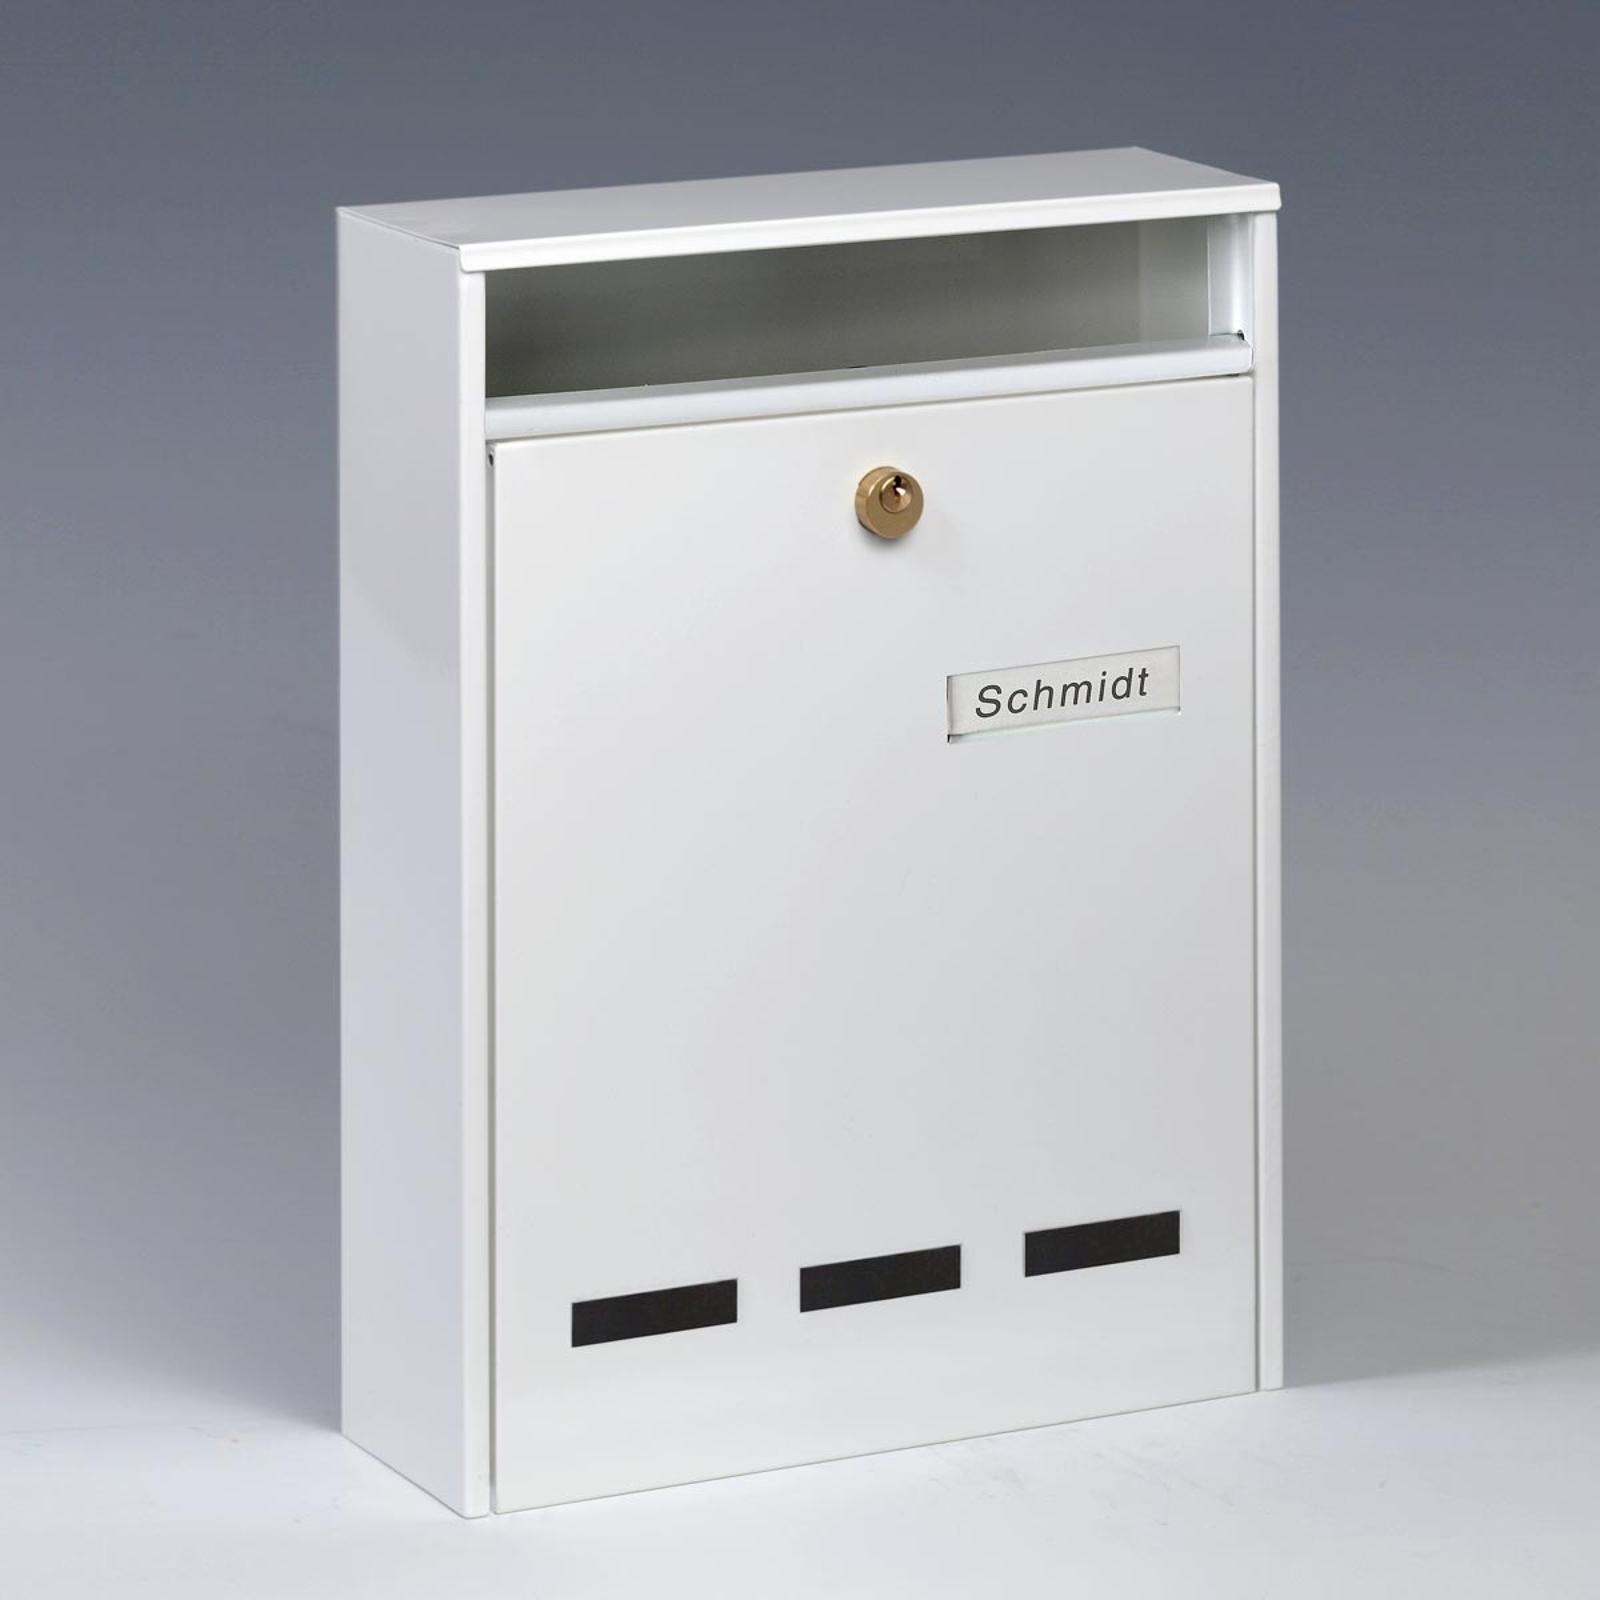 WISMAR anlægspostkasse, DIN A4-format, hvid